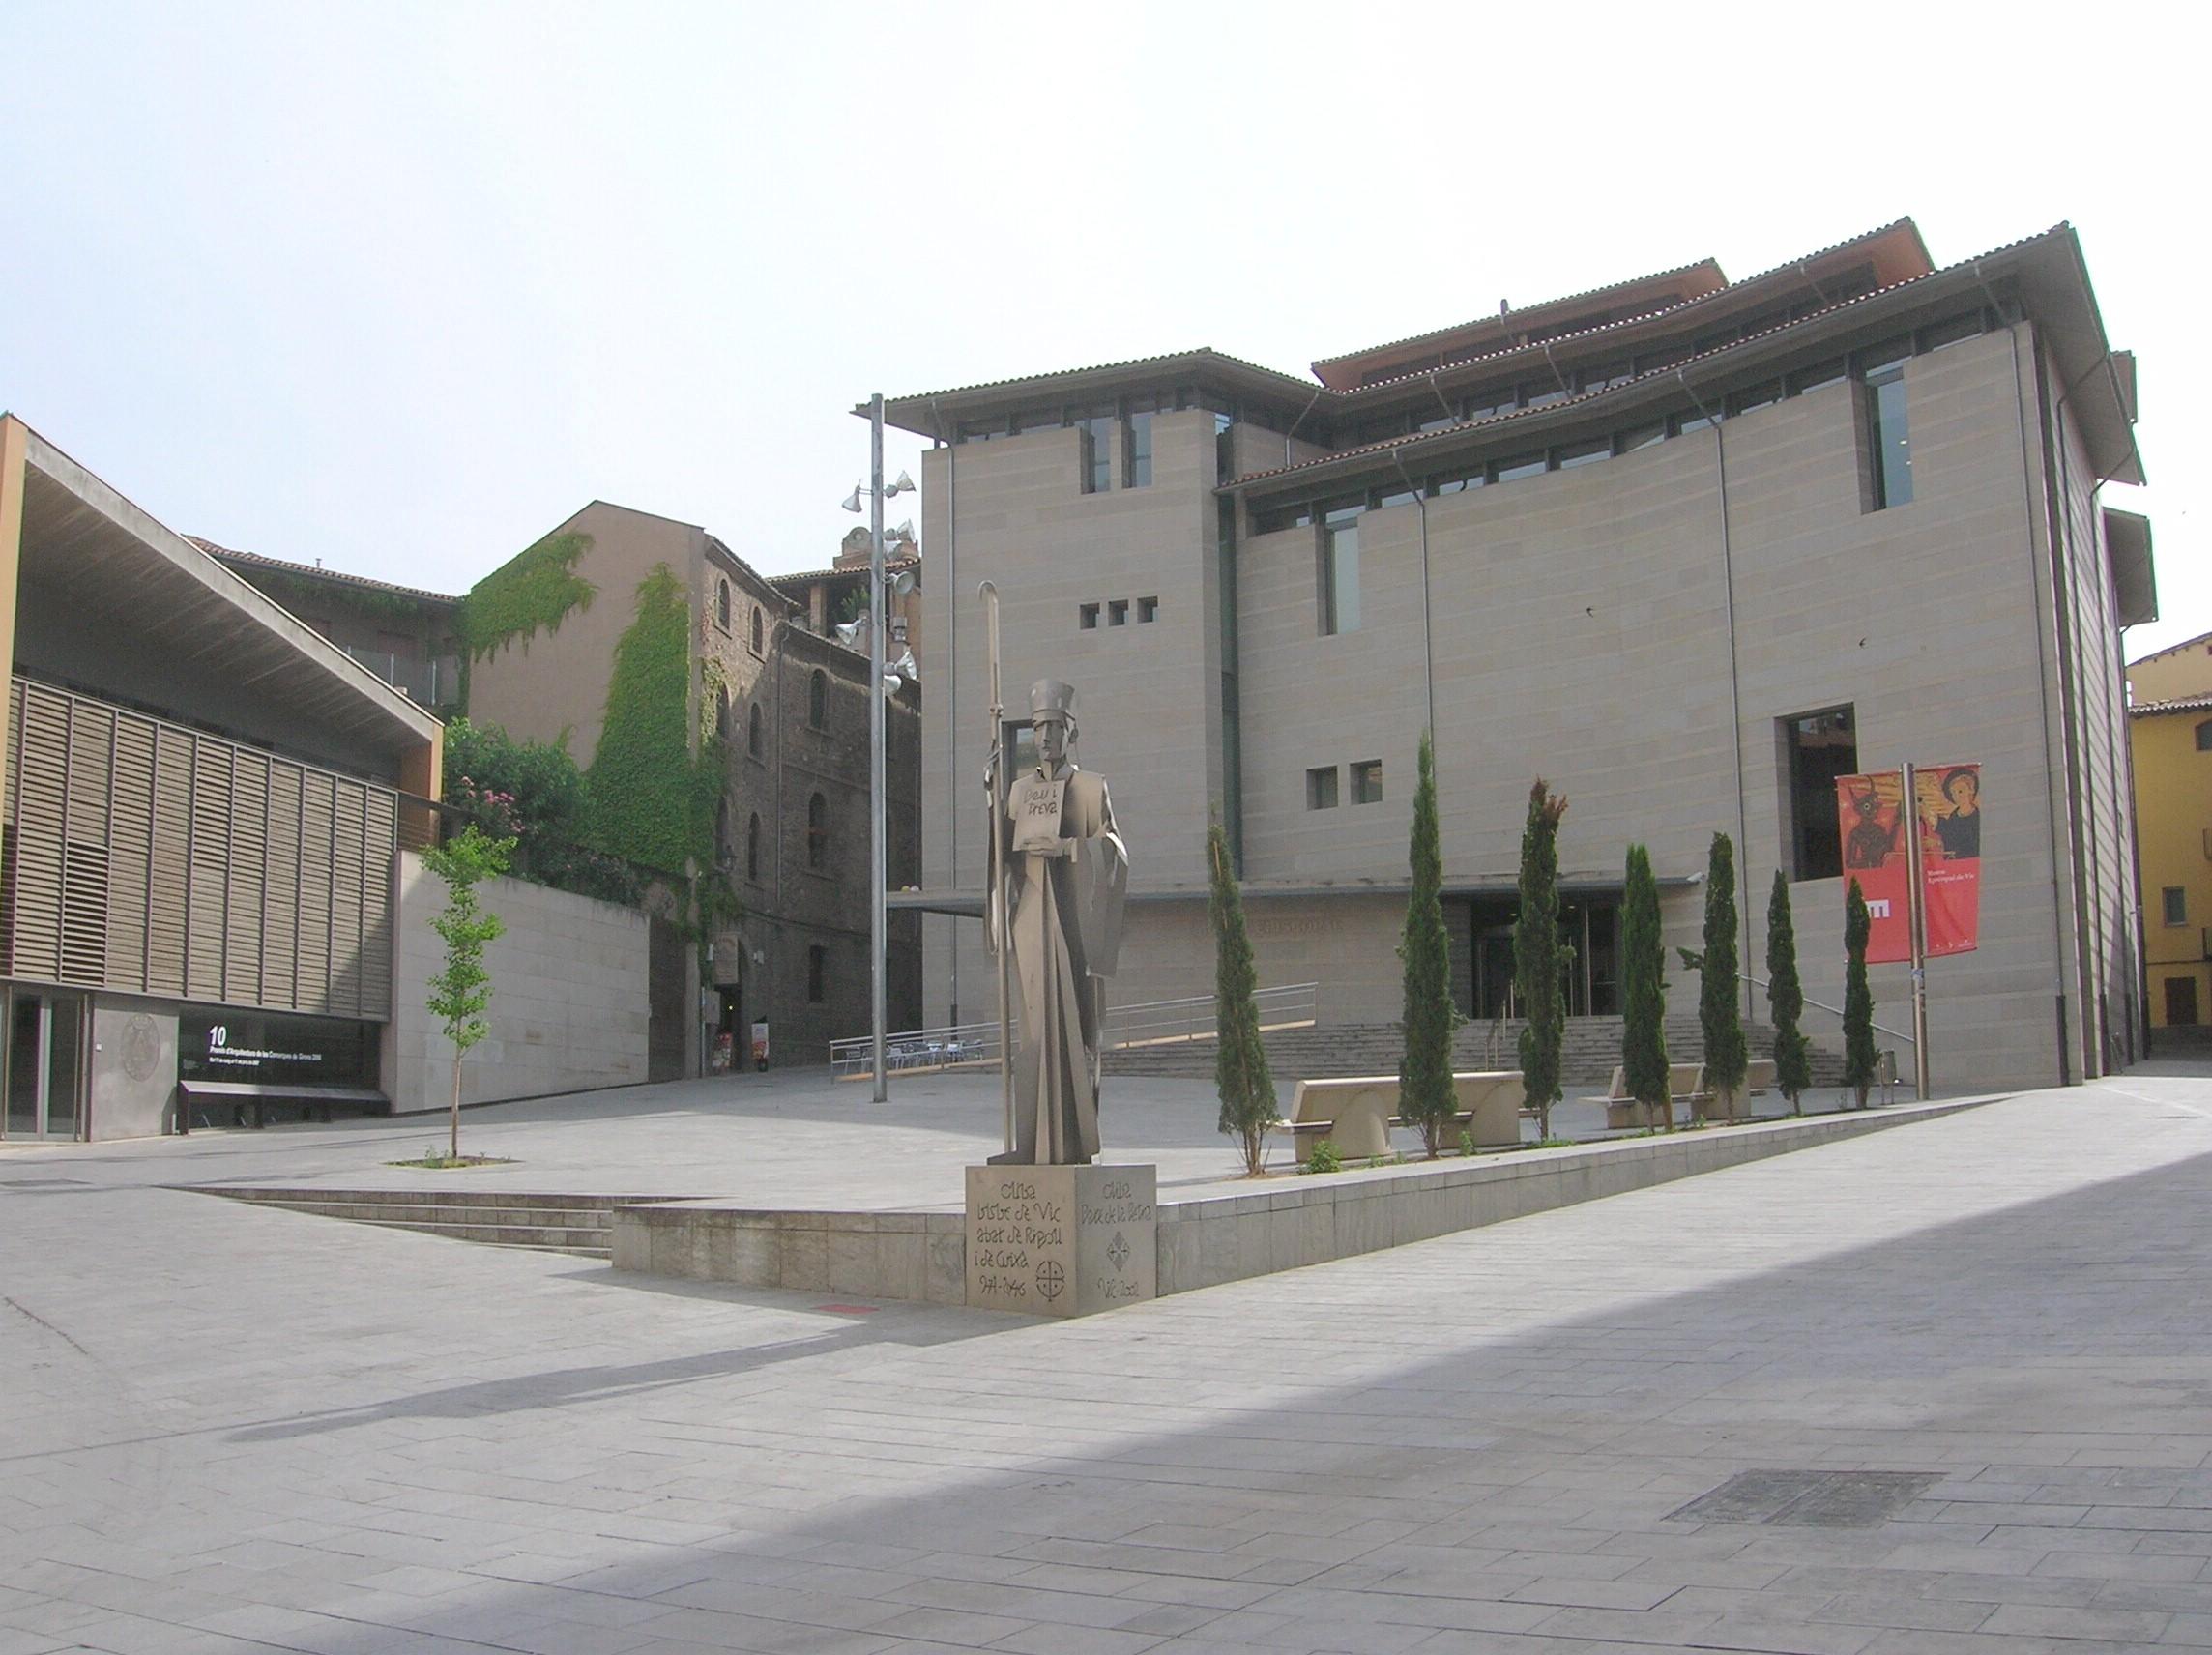 Museo Episcopal de Vich - Wikipedia, la enciclopedia libre